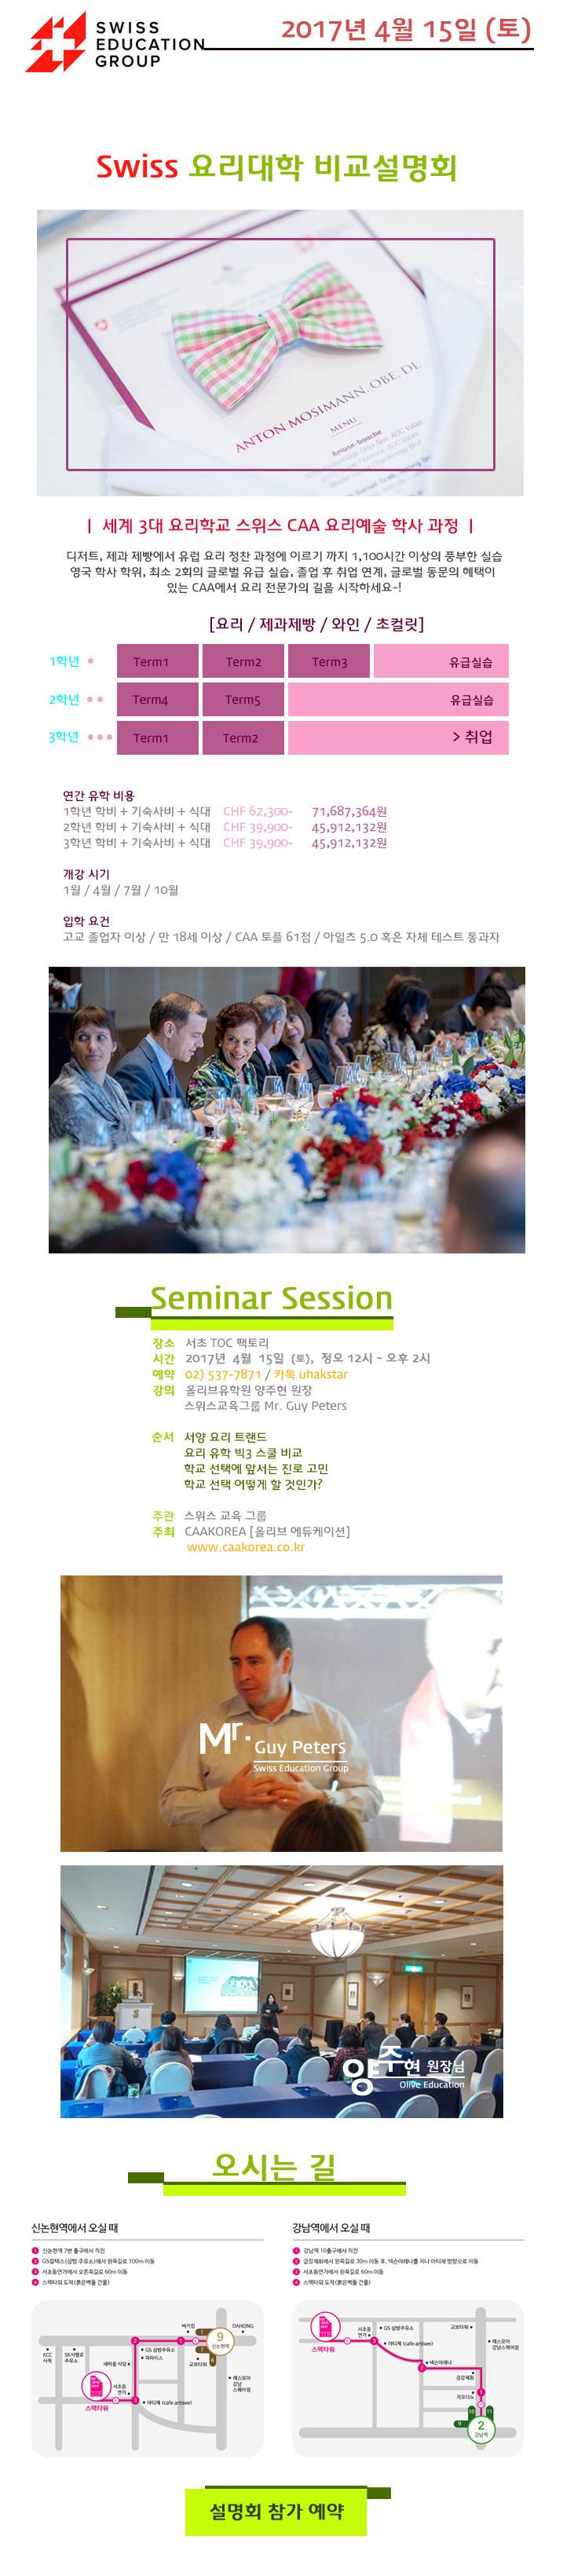 2017-0415-seminar-caa-detail.png